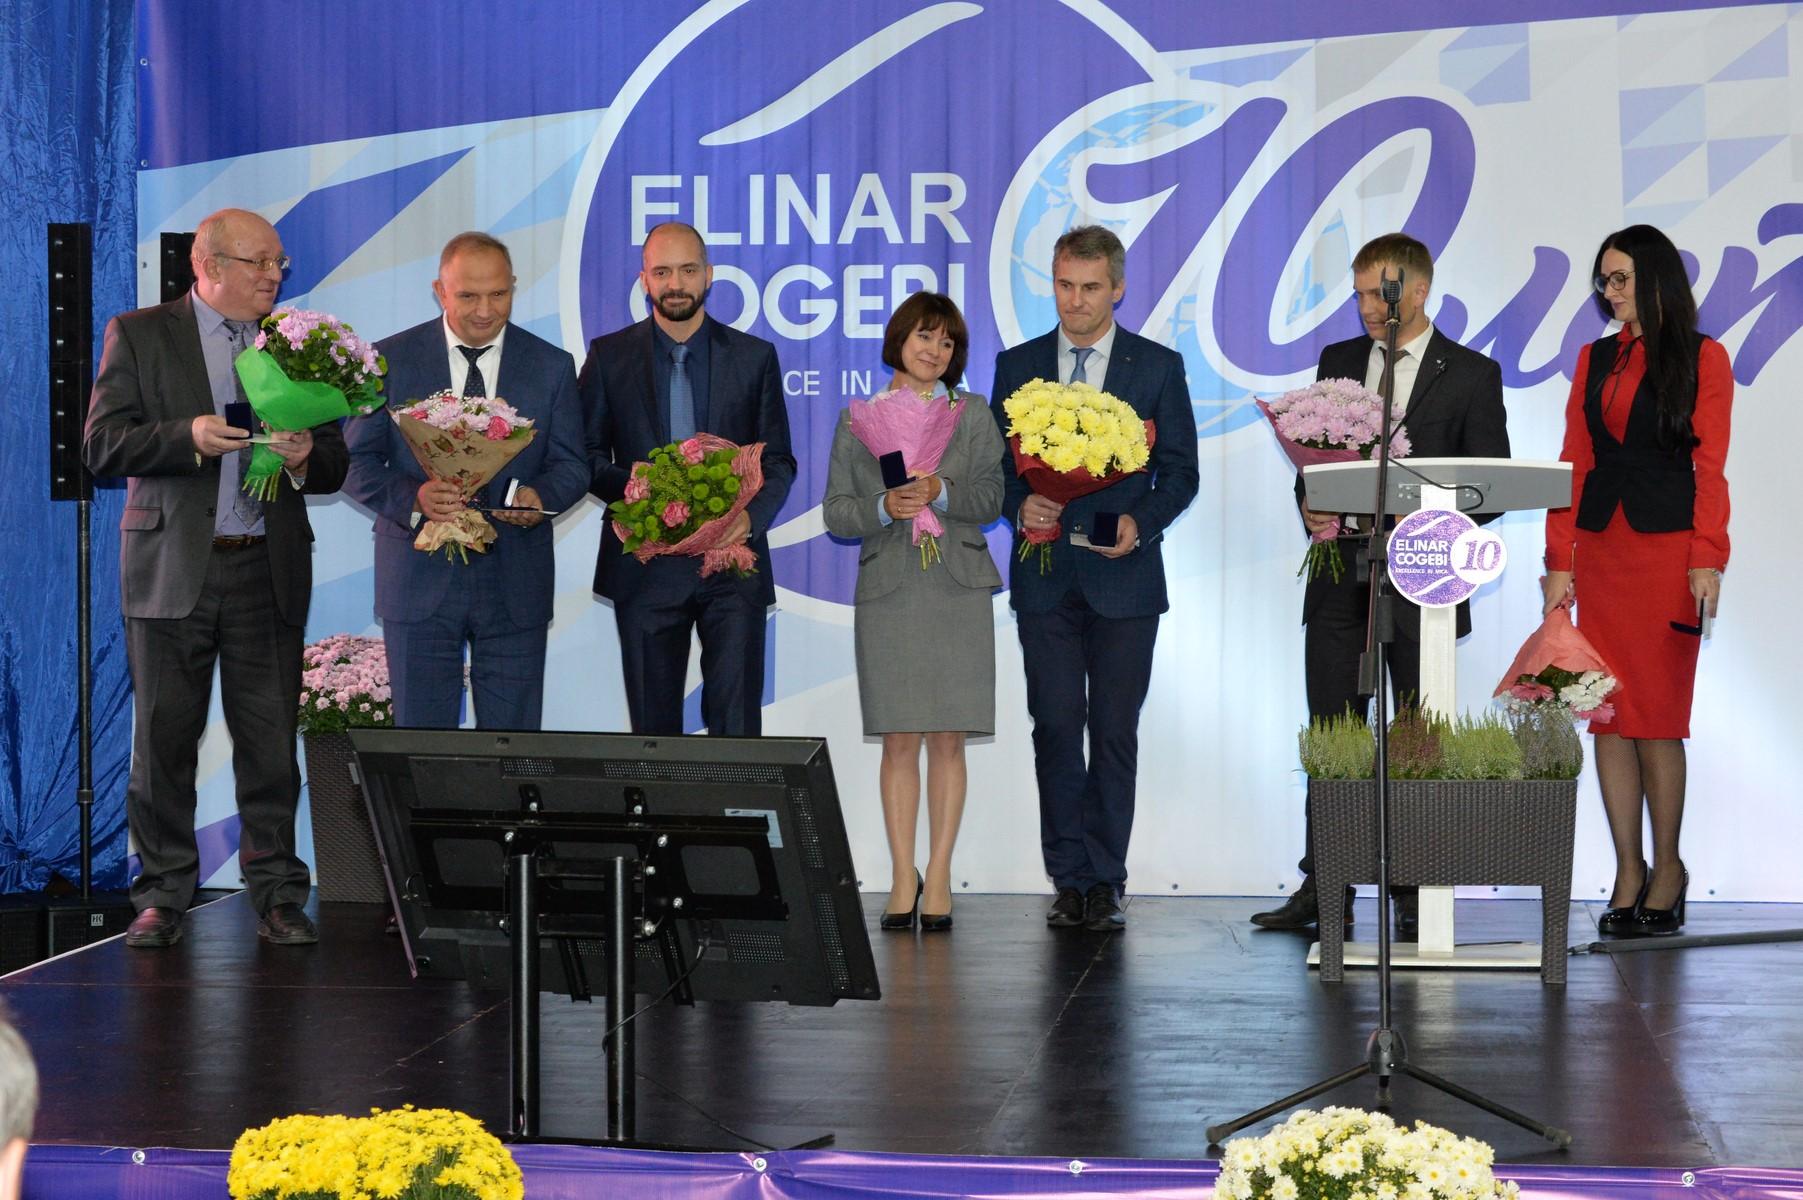 lig-elinar-2017-8